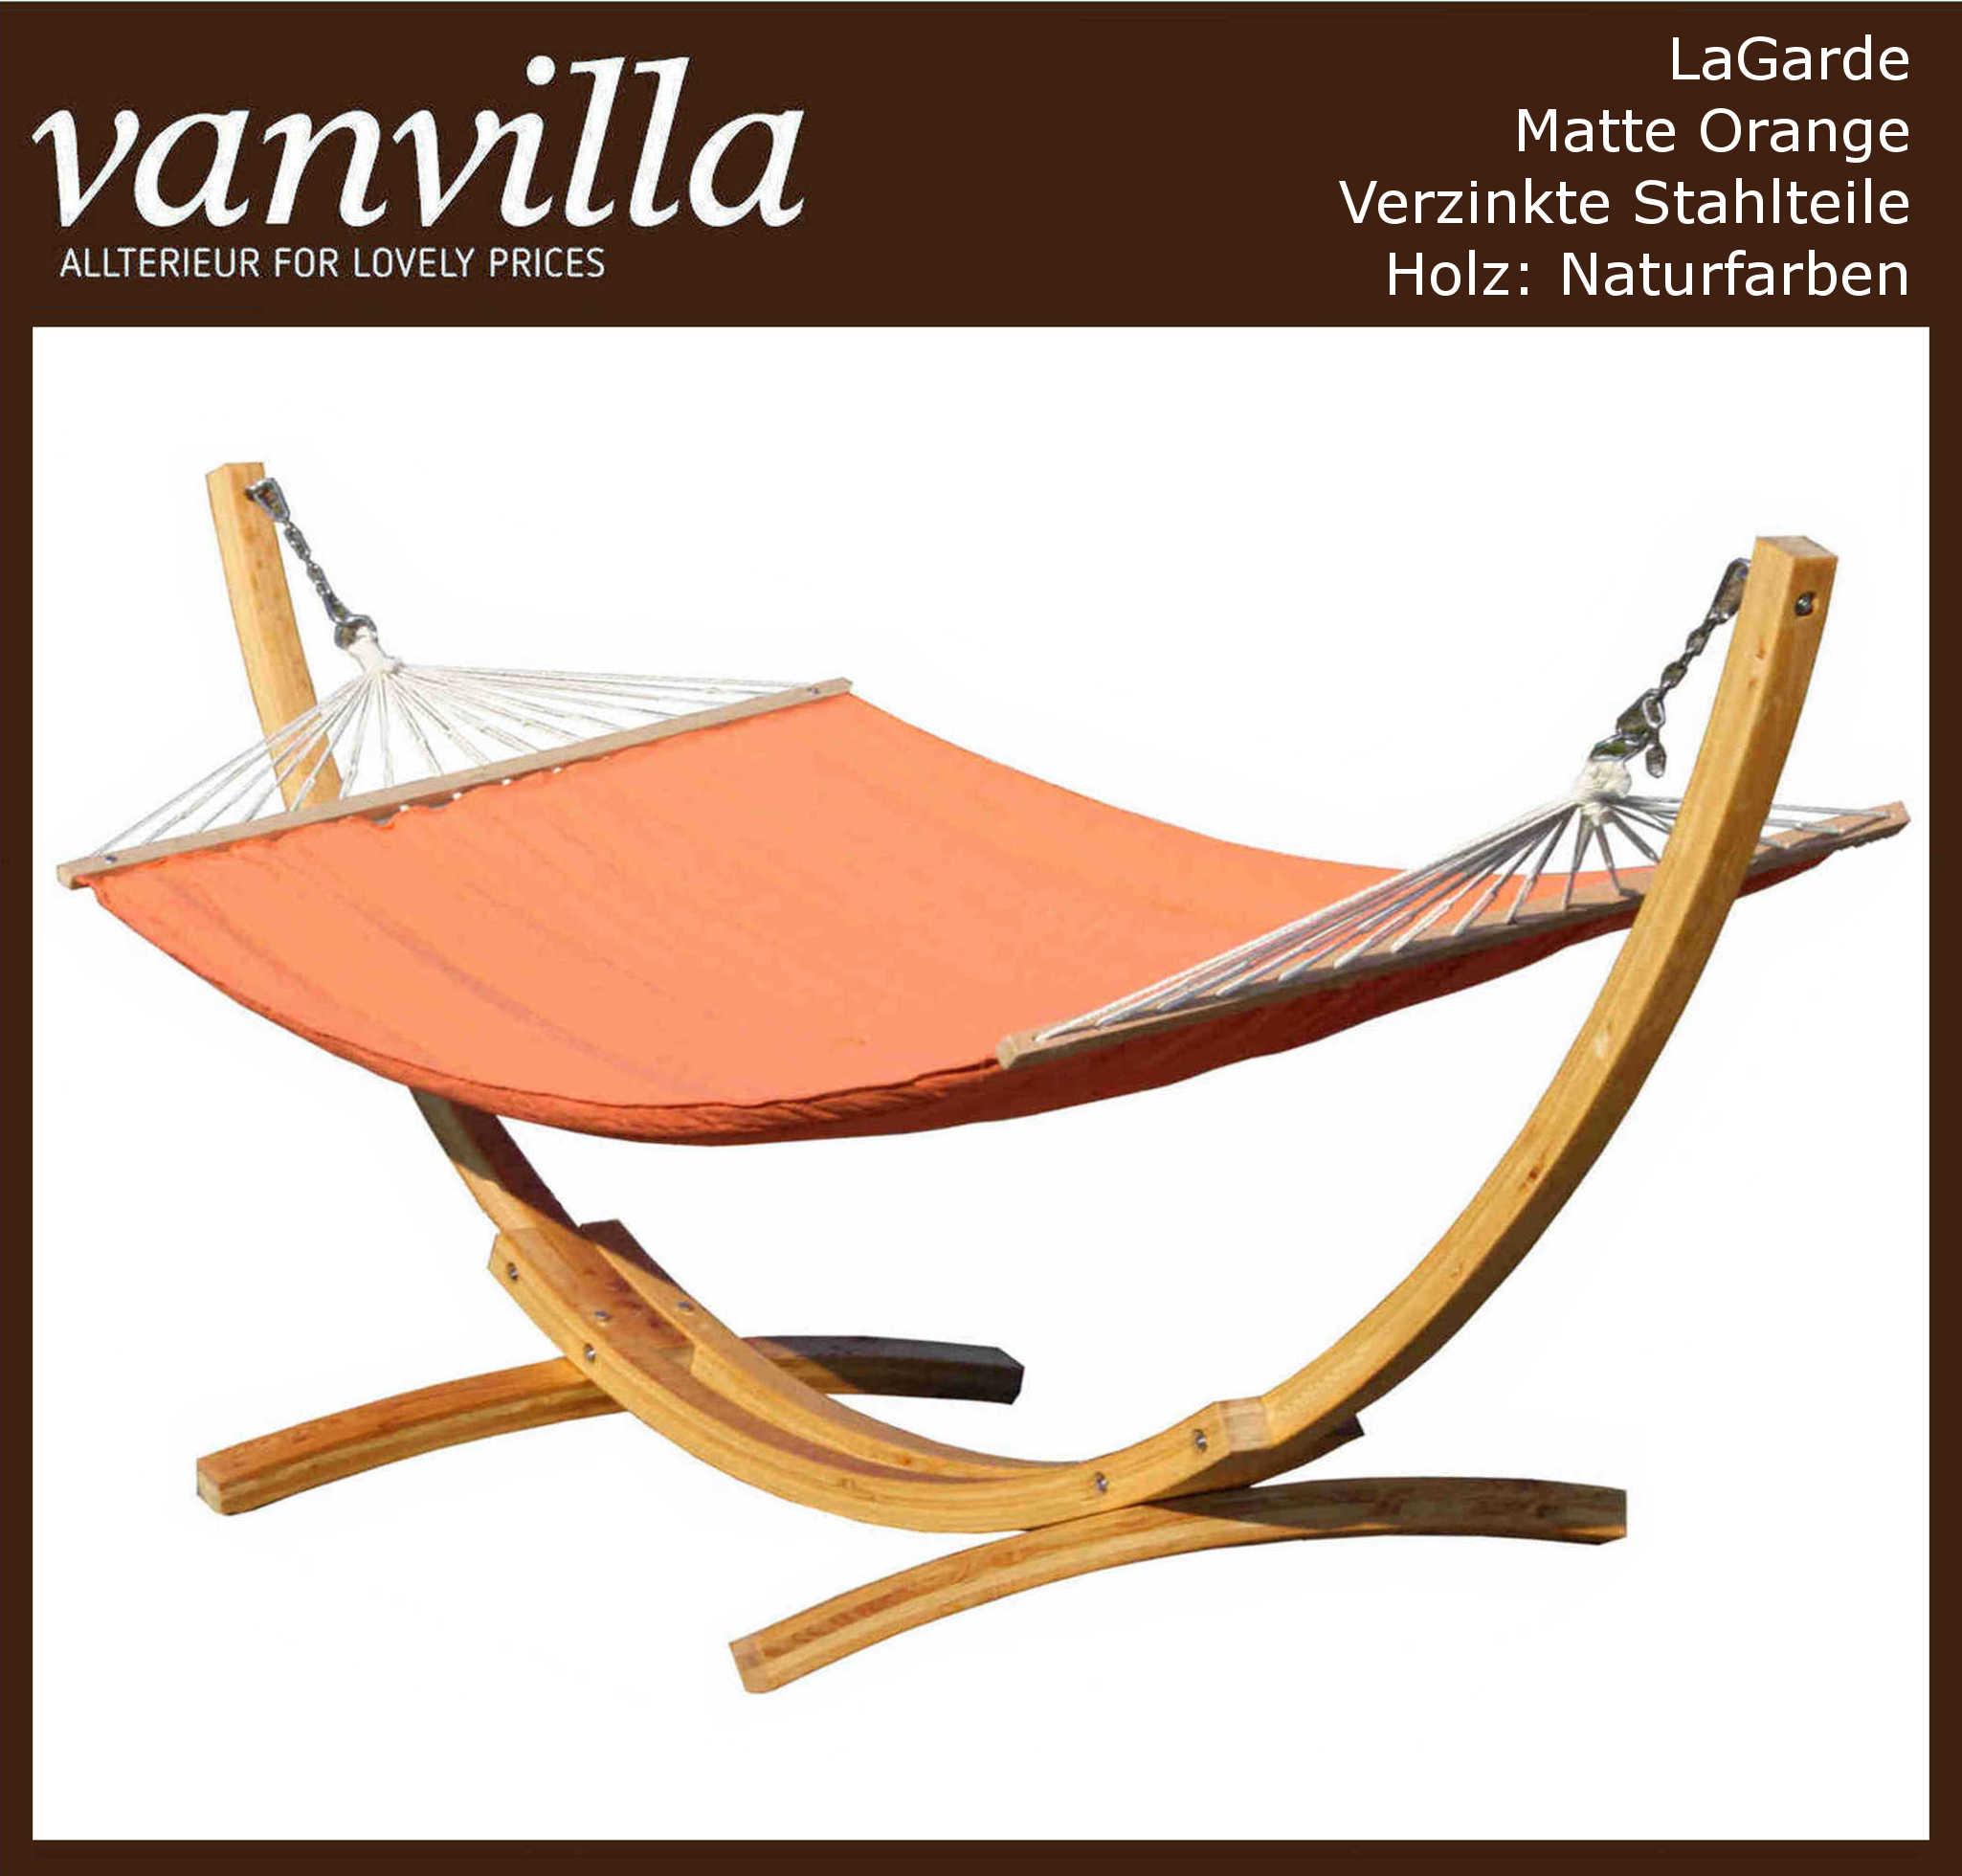 Hängemattengestell LaGarde / Matte Orange / Holzfarbe Natur / 1 Karton